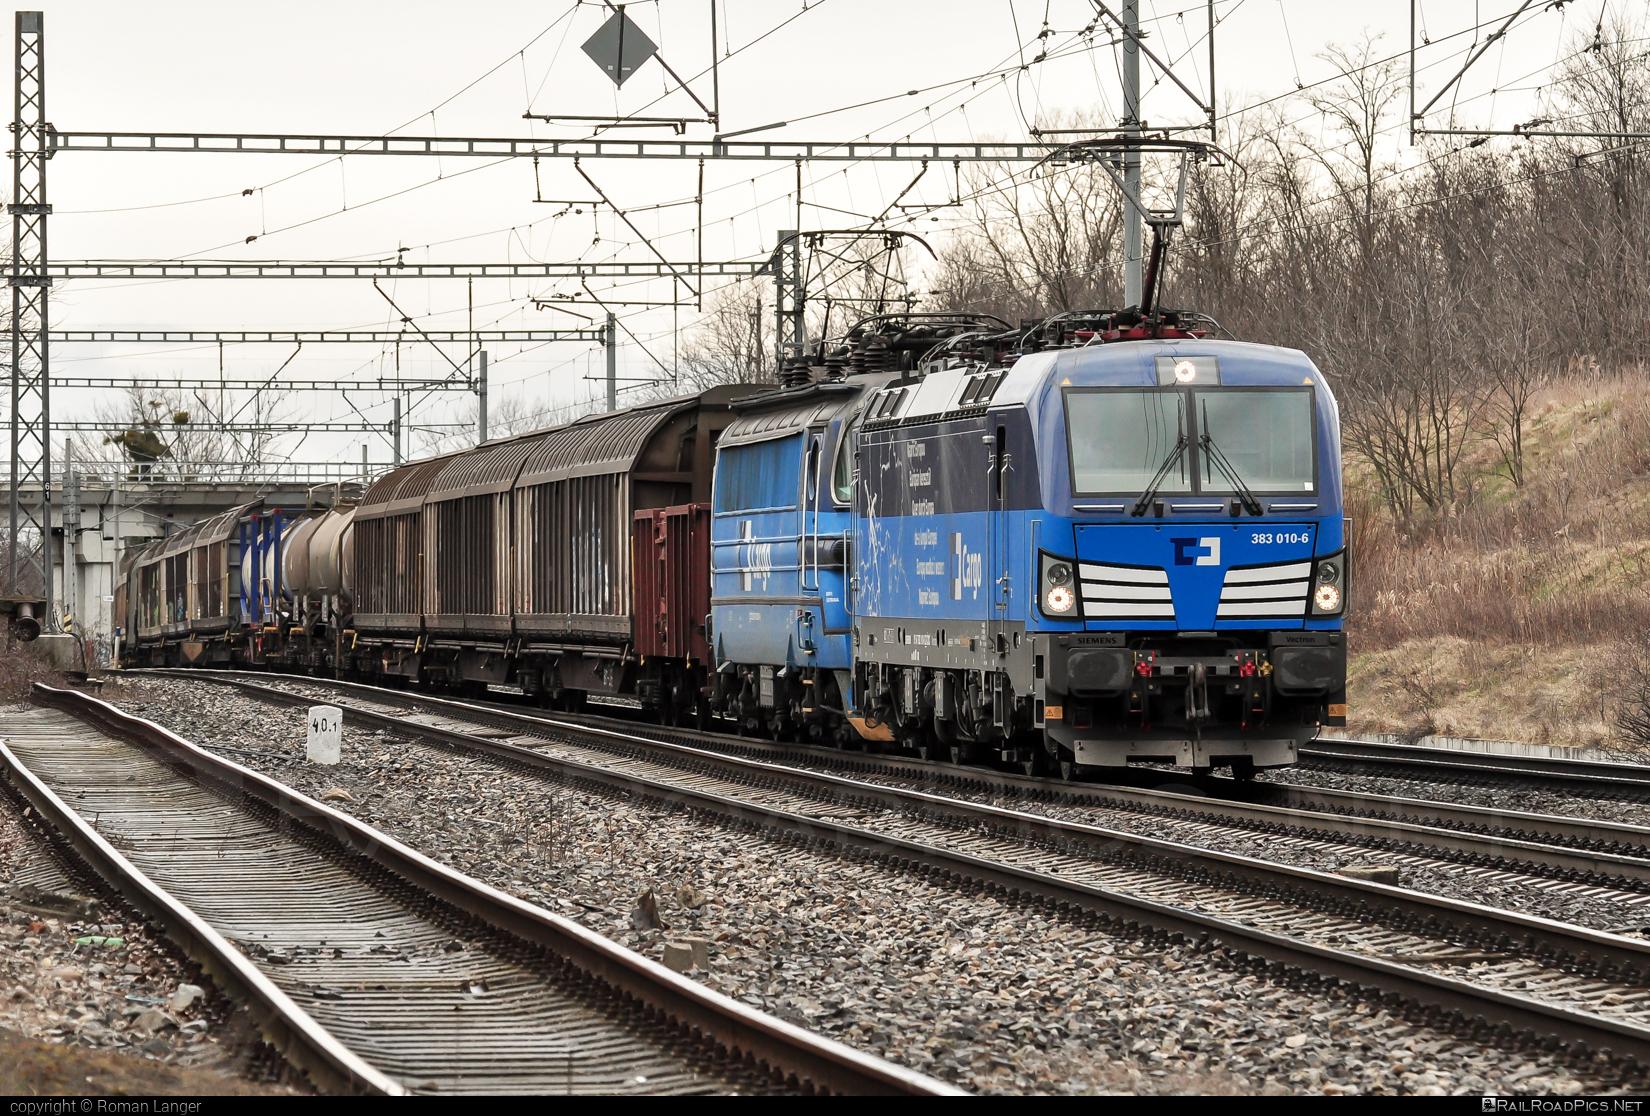 Siemens Vectron MS - 383 010-6 operated by Železničná Spoločnost' Cargo Slovakia a.s. #ZeleznicnaSpolocnostCargoSlovakia #cdcargo #siemens #siemensvectron #siemensvectronms #vectron #vectronms #zsskcargo